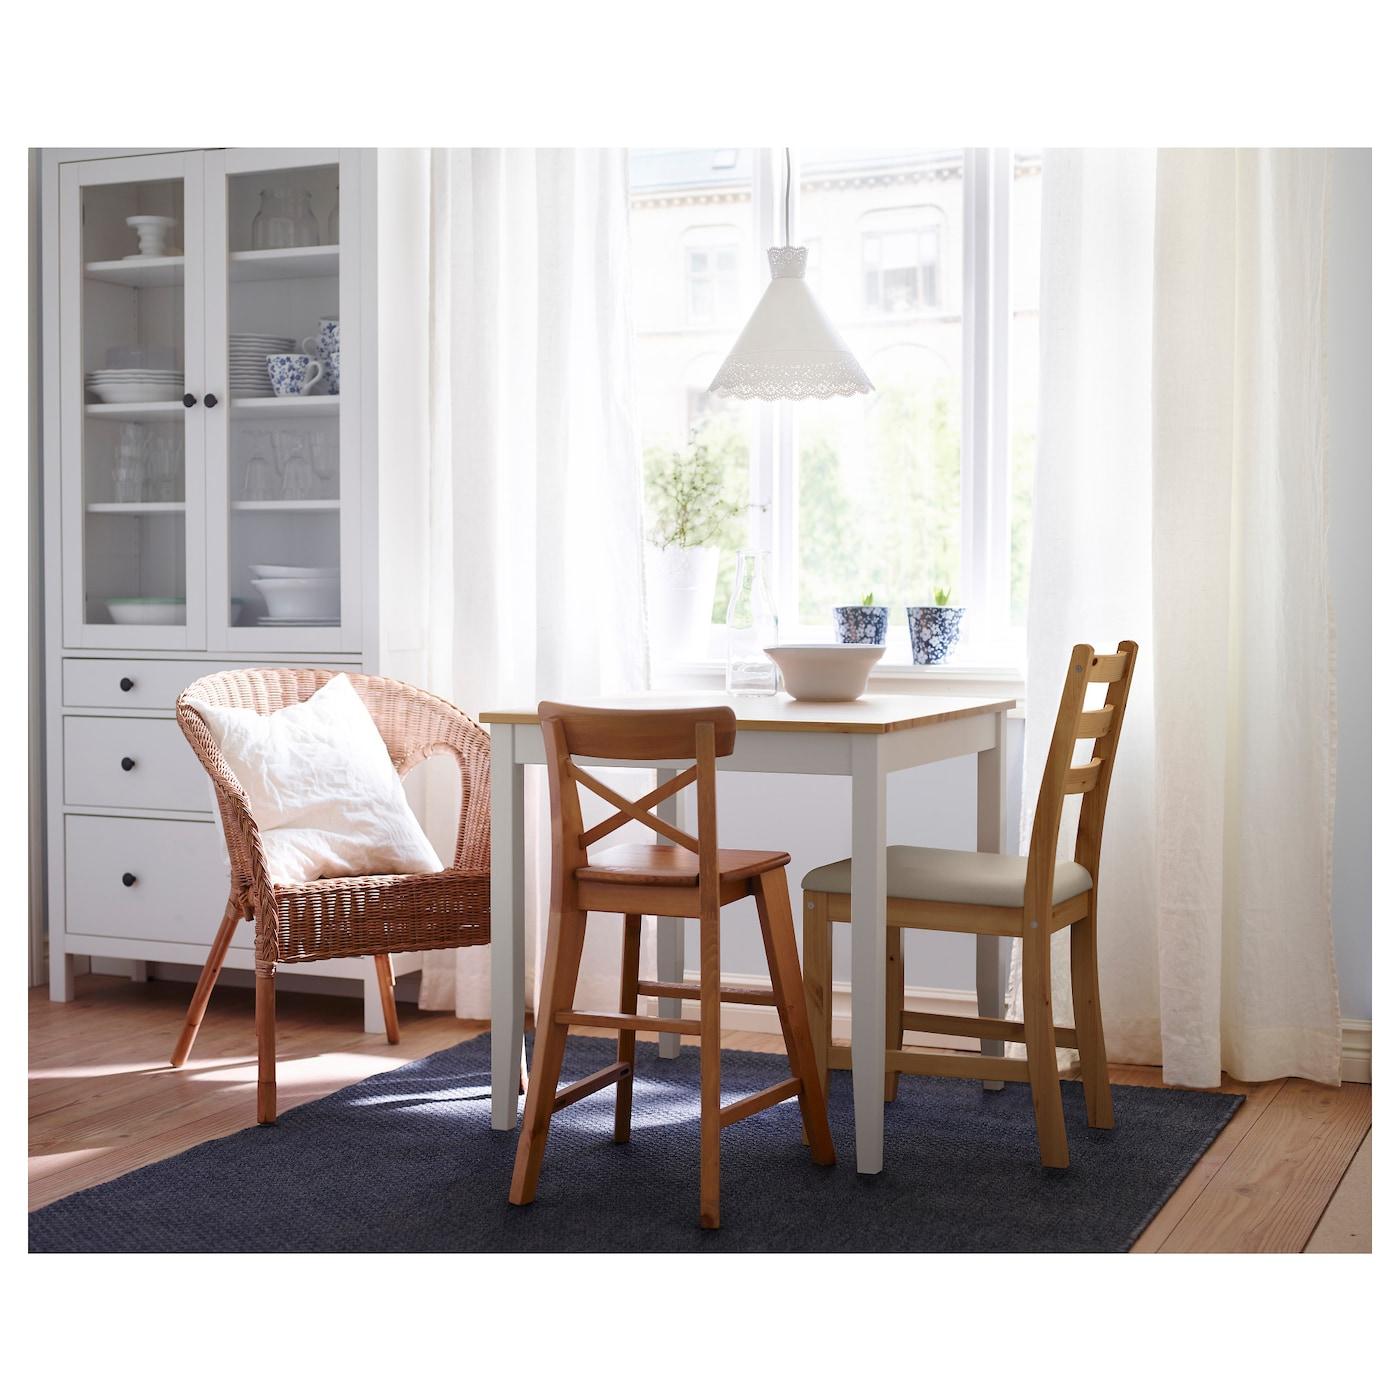 LERHAMN Tisch und 2 Stühle Antikbeize hell weiß gebeiztVittaryd beige 74x74 cm